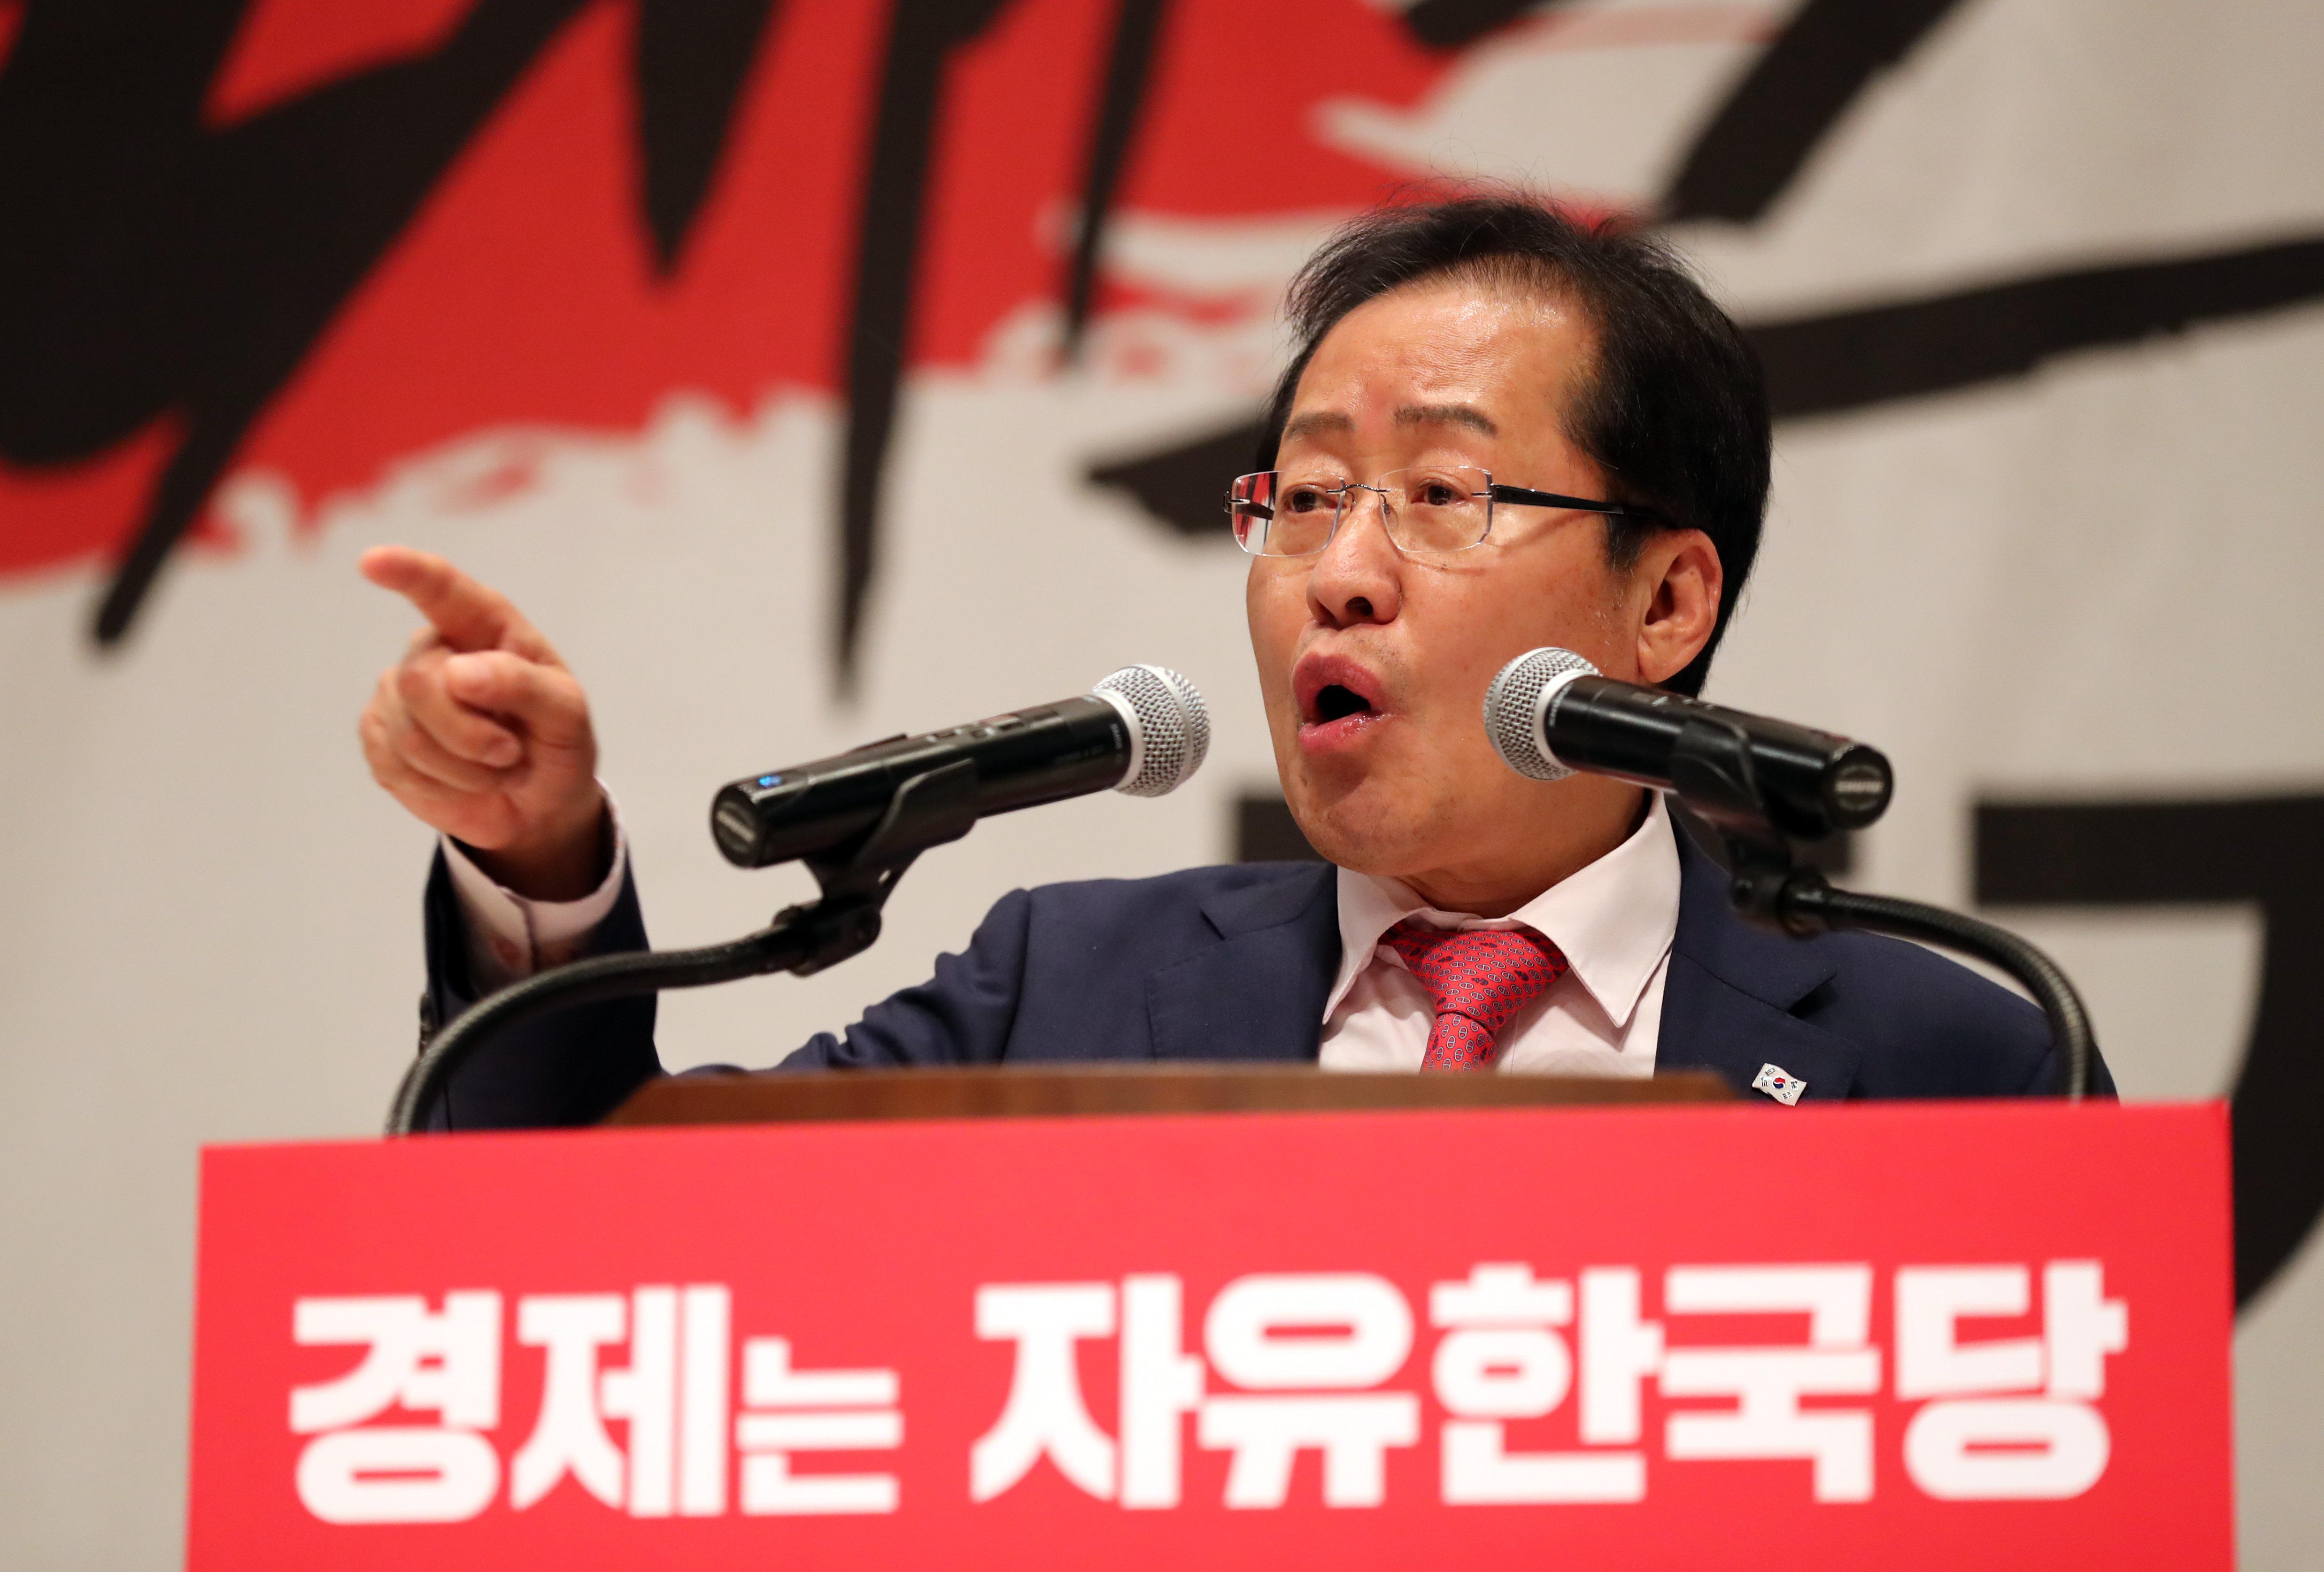 홍준표는 백악관에 '북핵 폐기 요구사항' 서한을 보낼